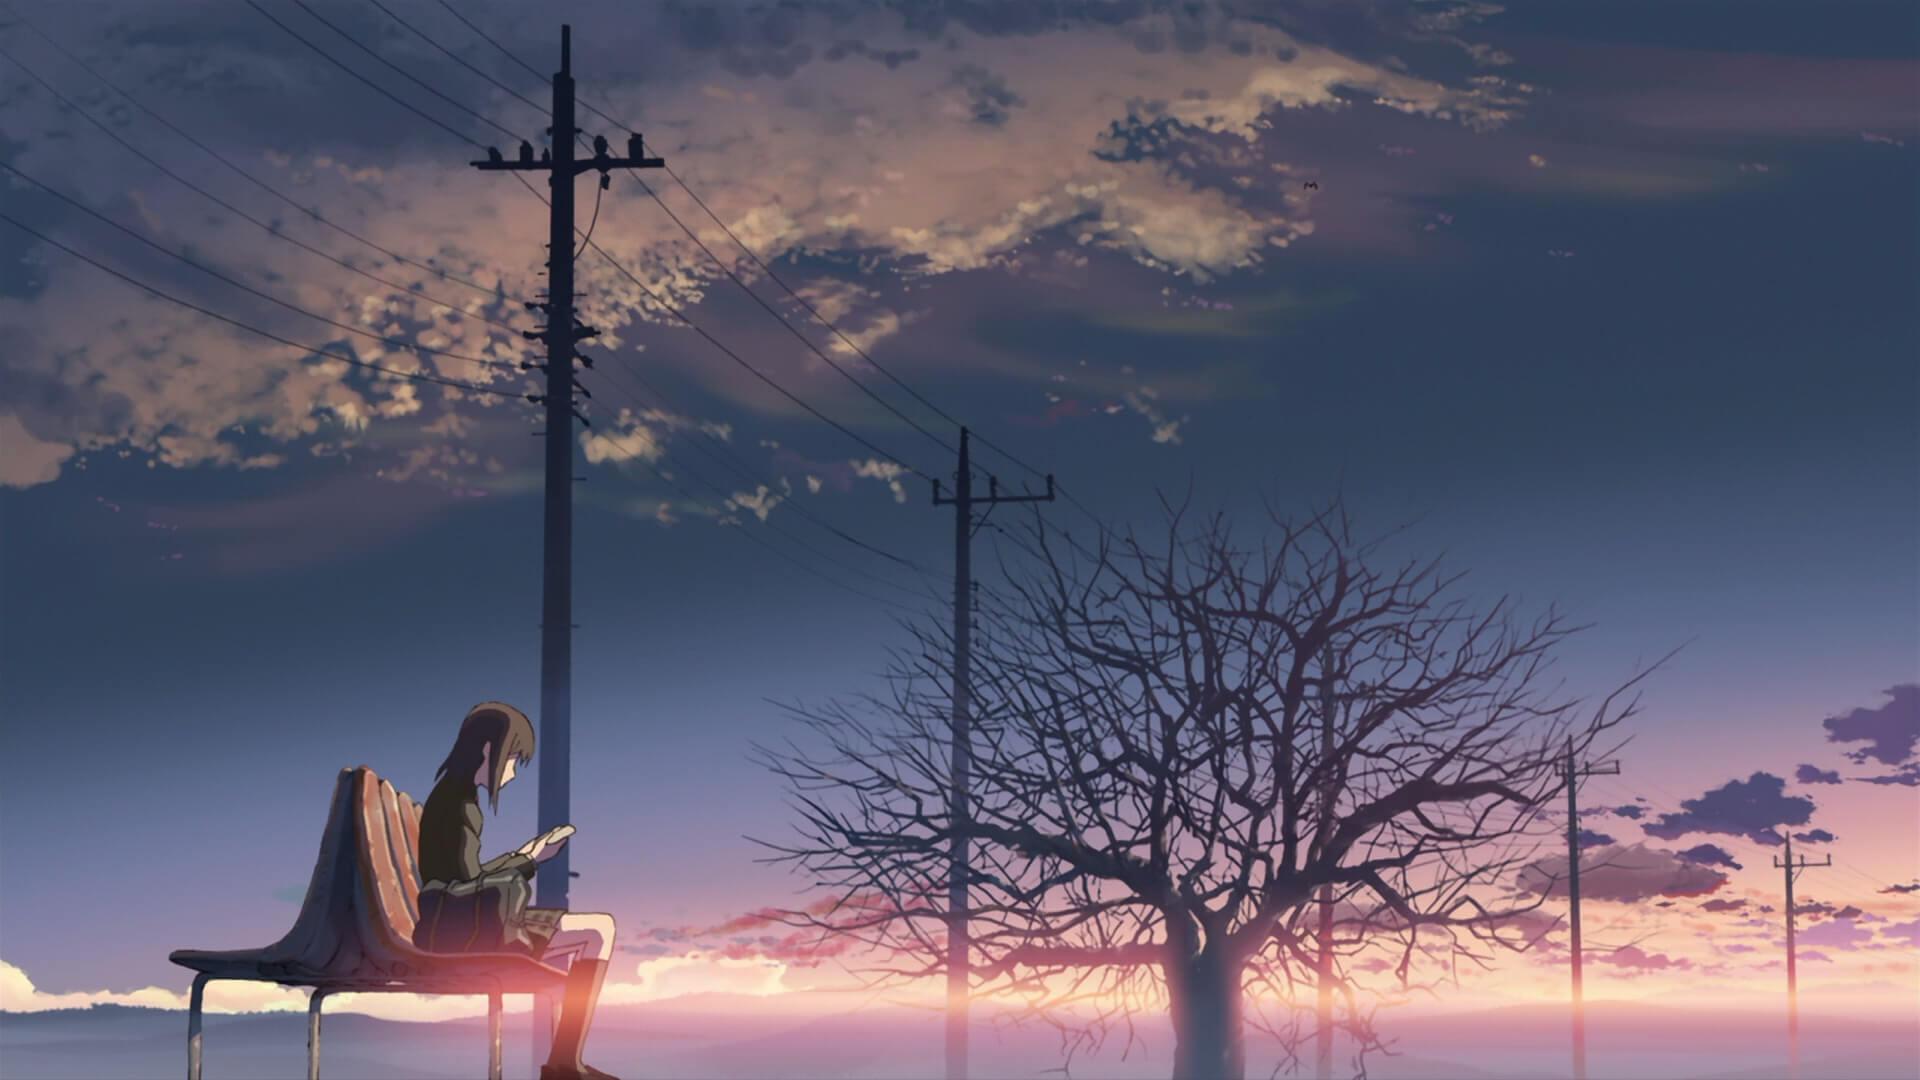 Hình nền cô gái buồn xem thư